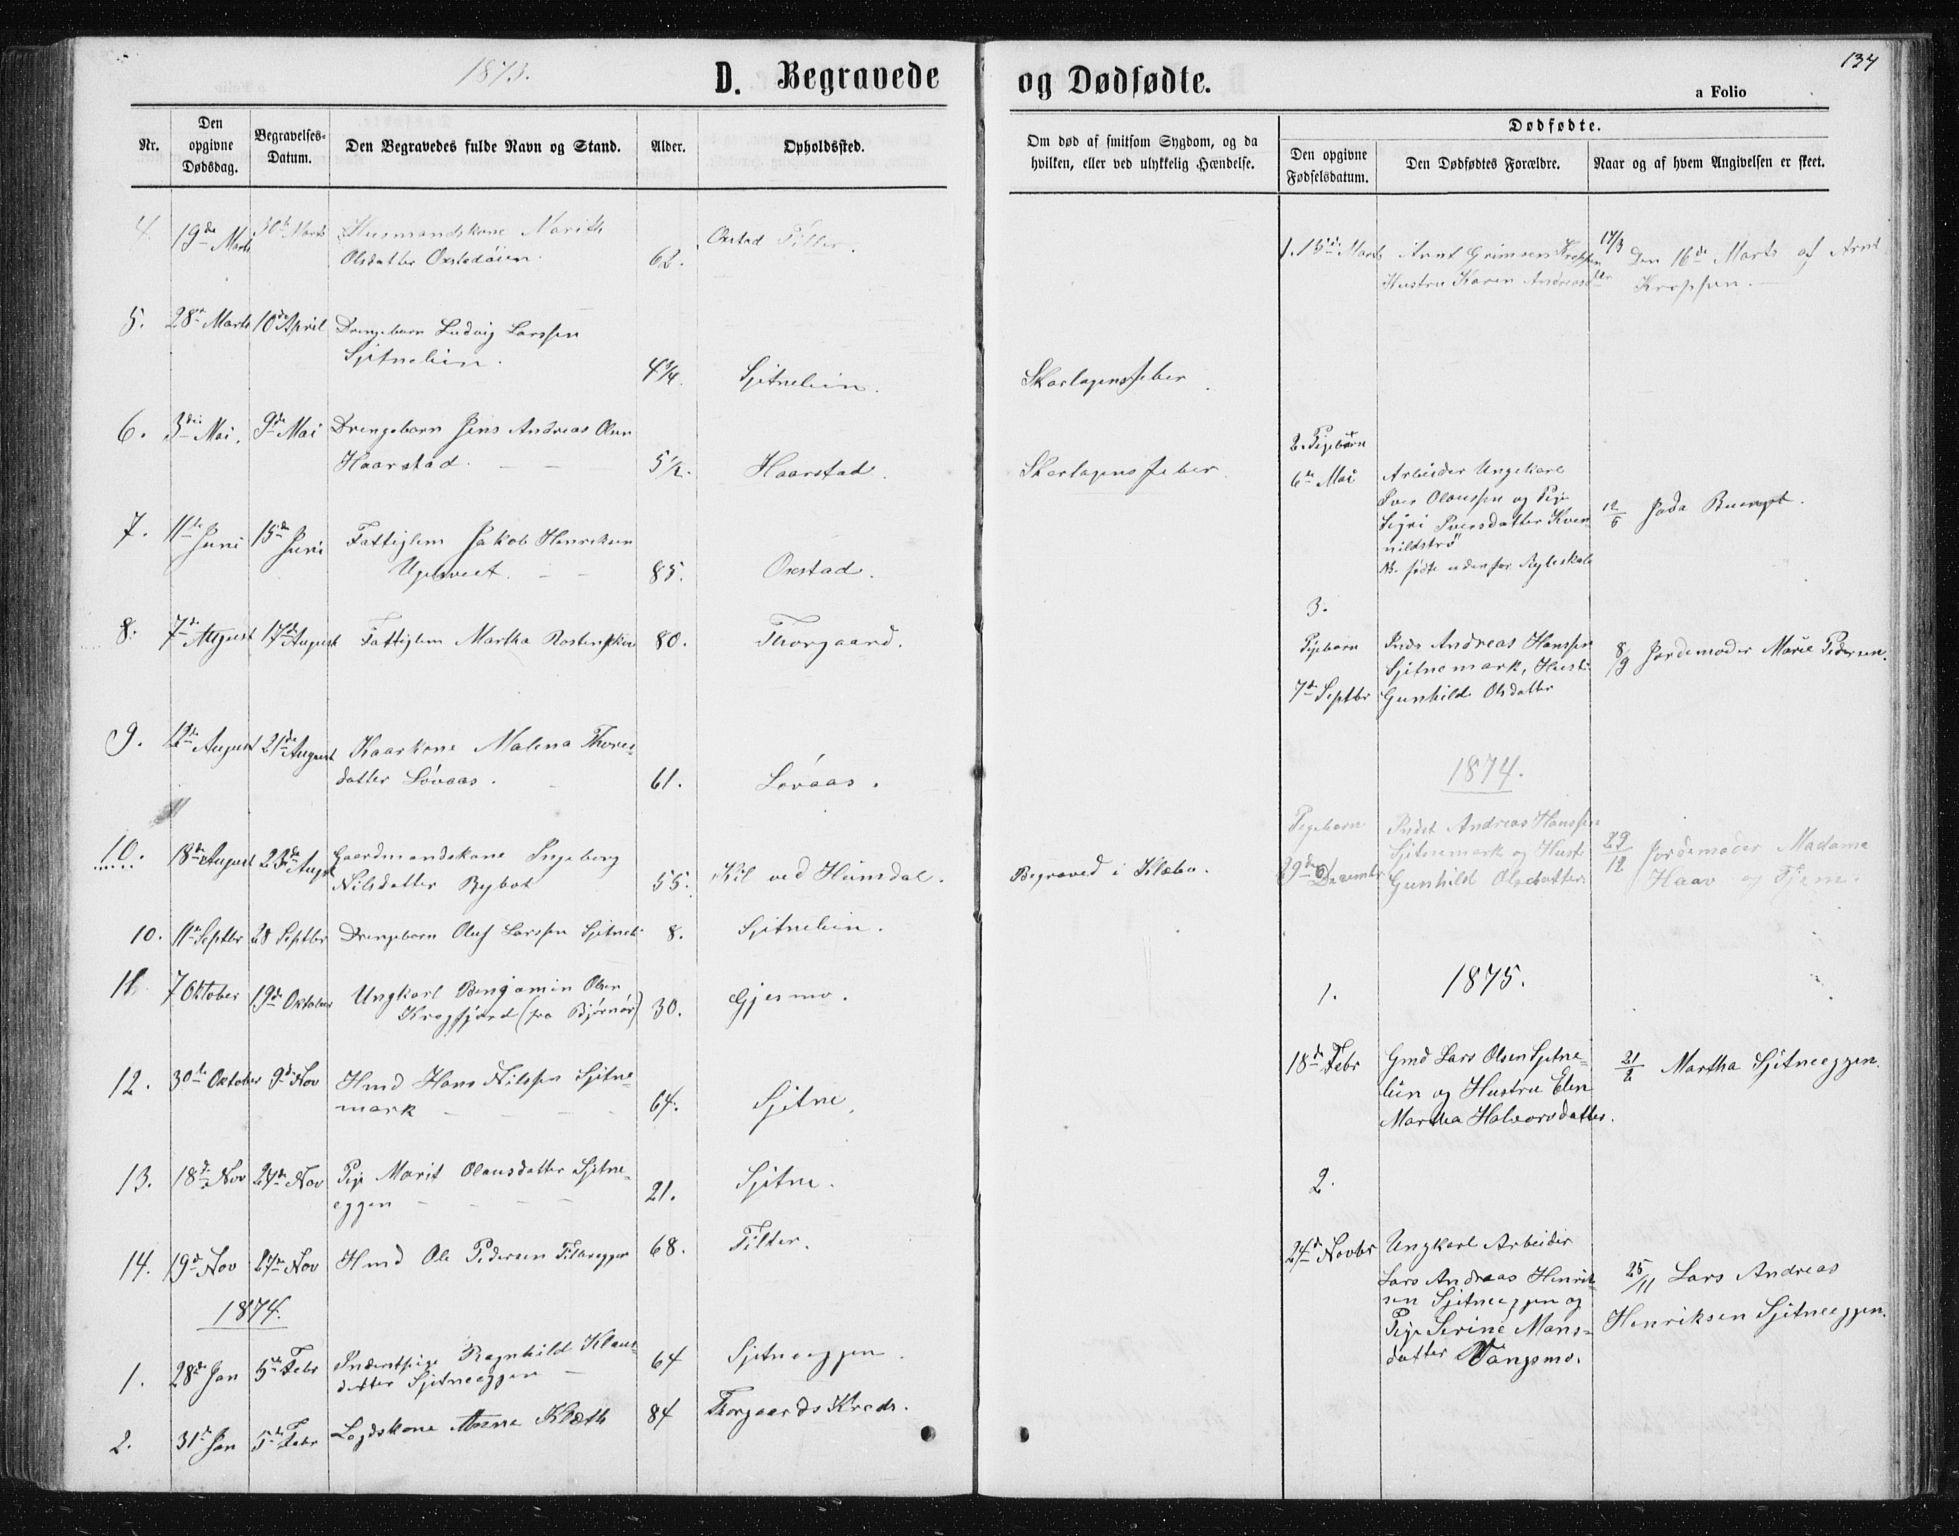 SAT, Ministerialprotokoller, klokkerbøker og fødselsregistre - Sør-Trøndelag, 621/L0459: Klokkerbok nr. 621C02, 1866-1895, s. 134